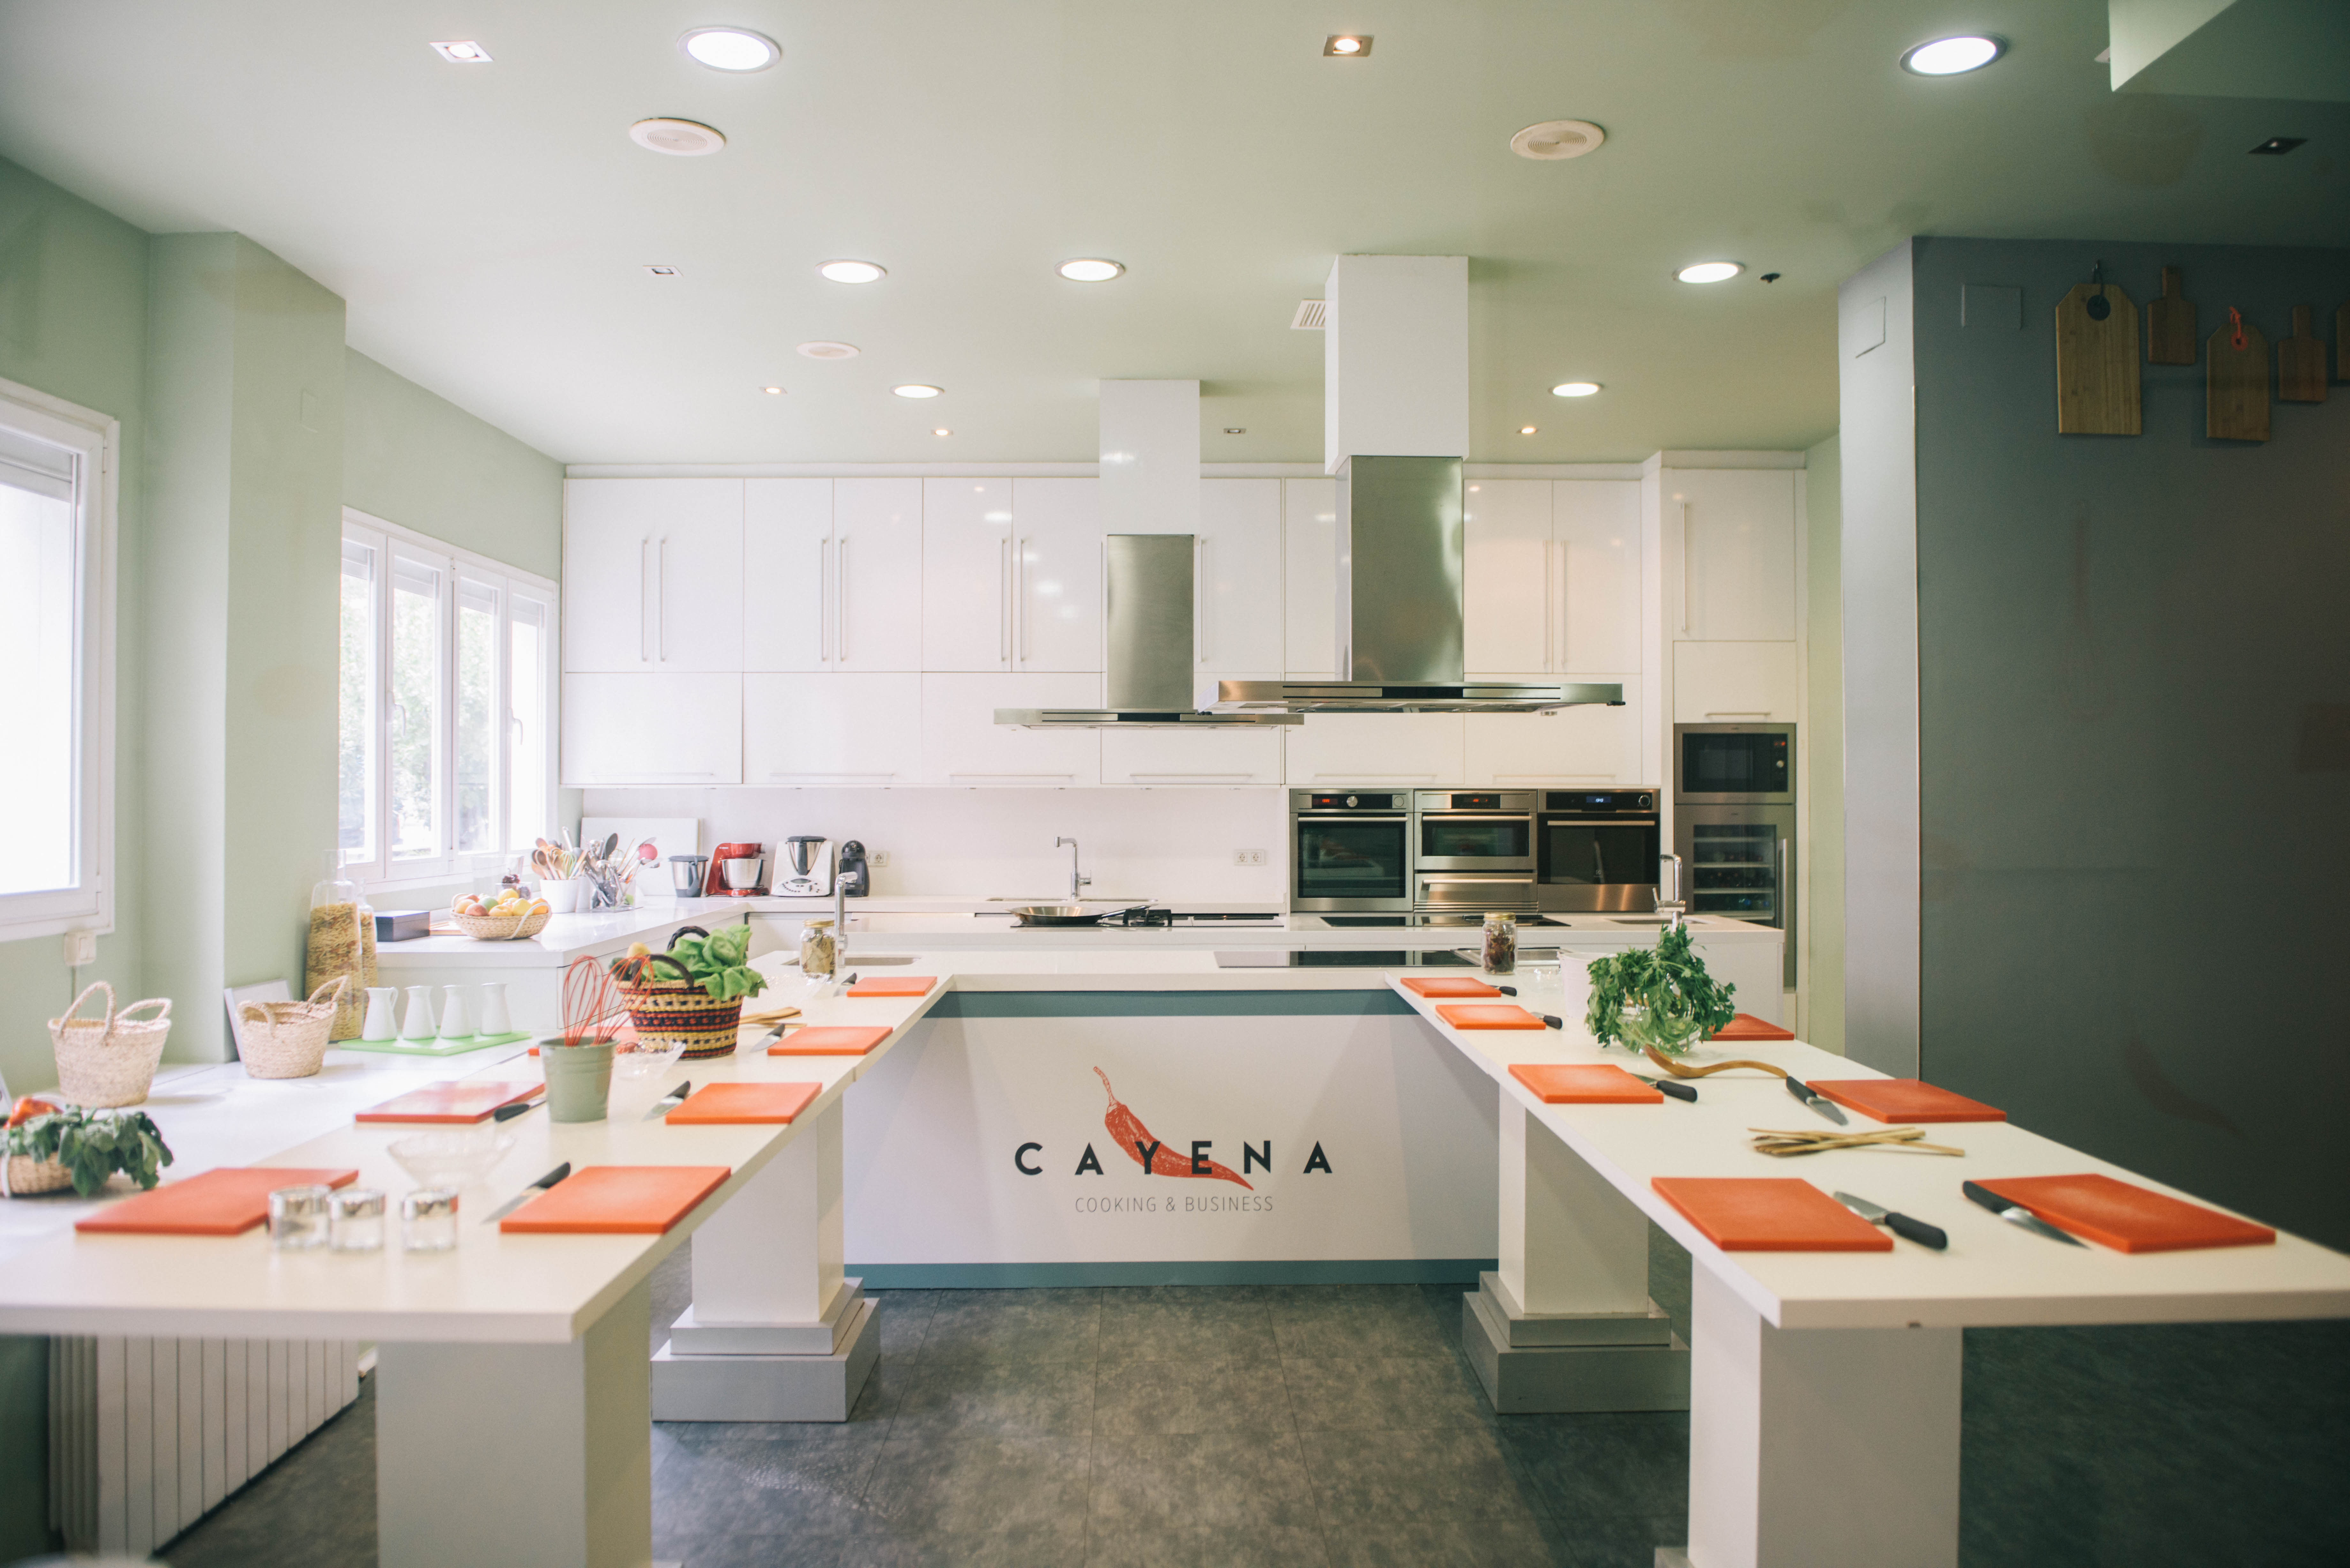 Cayena Cocina   Cocina Cayena Entrevista A La Fundadora Amparo Aragon